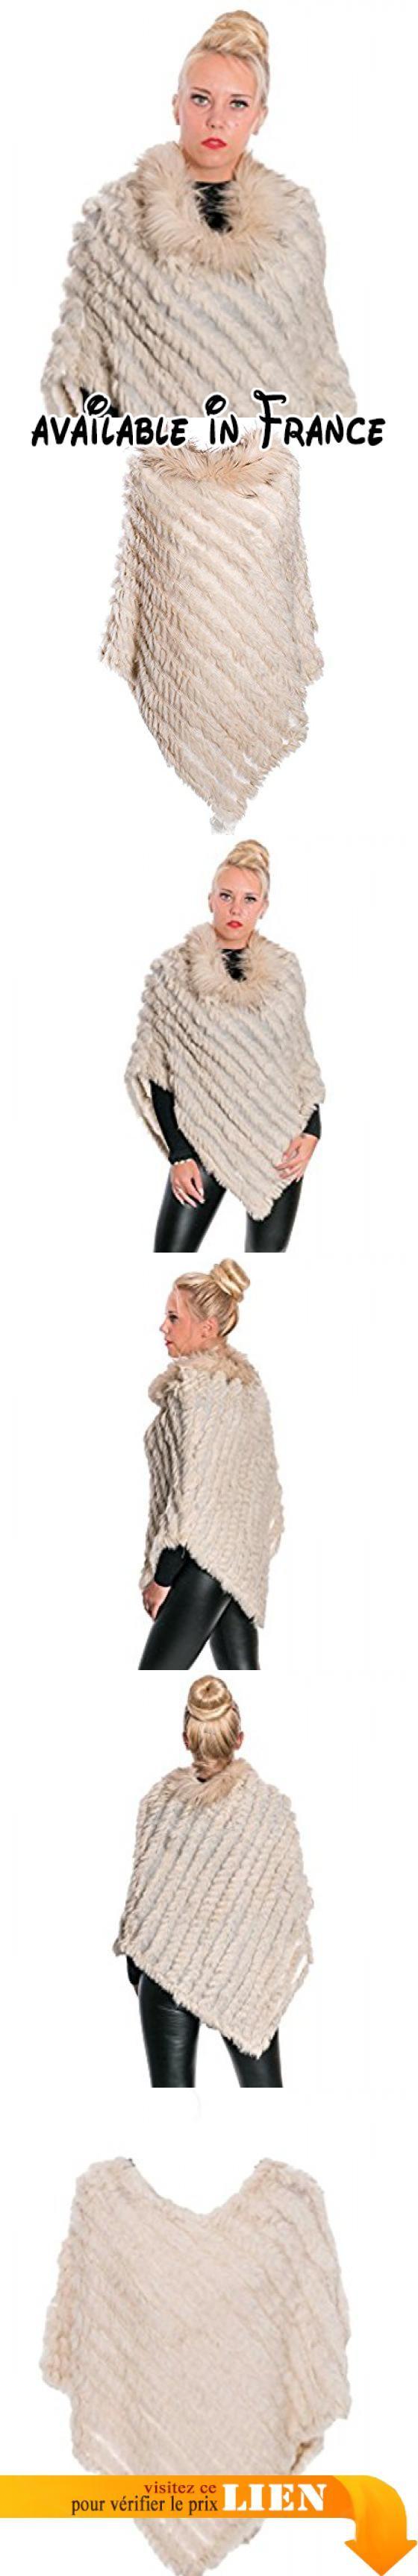 B01LZXPGCH : Gadzo - Poncho - Femme - beige - One Size.